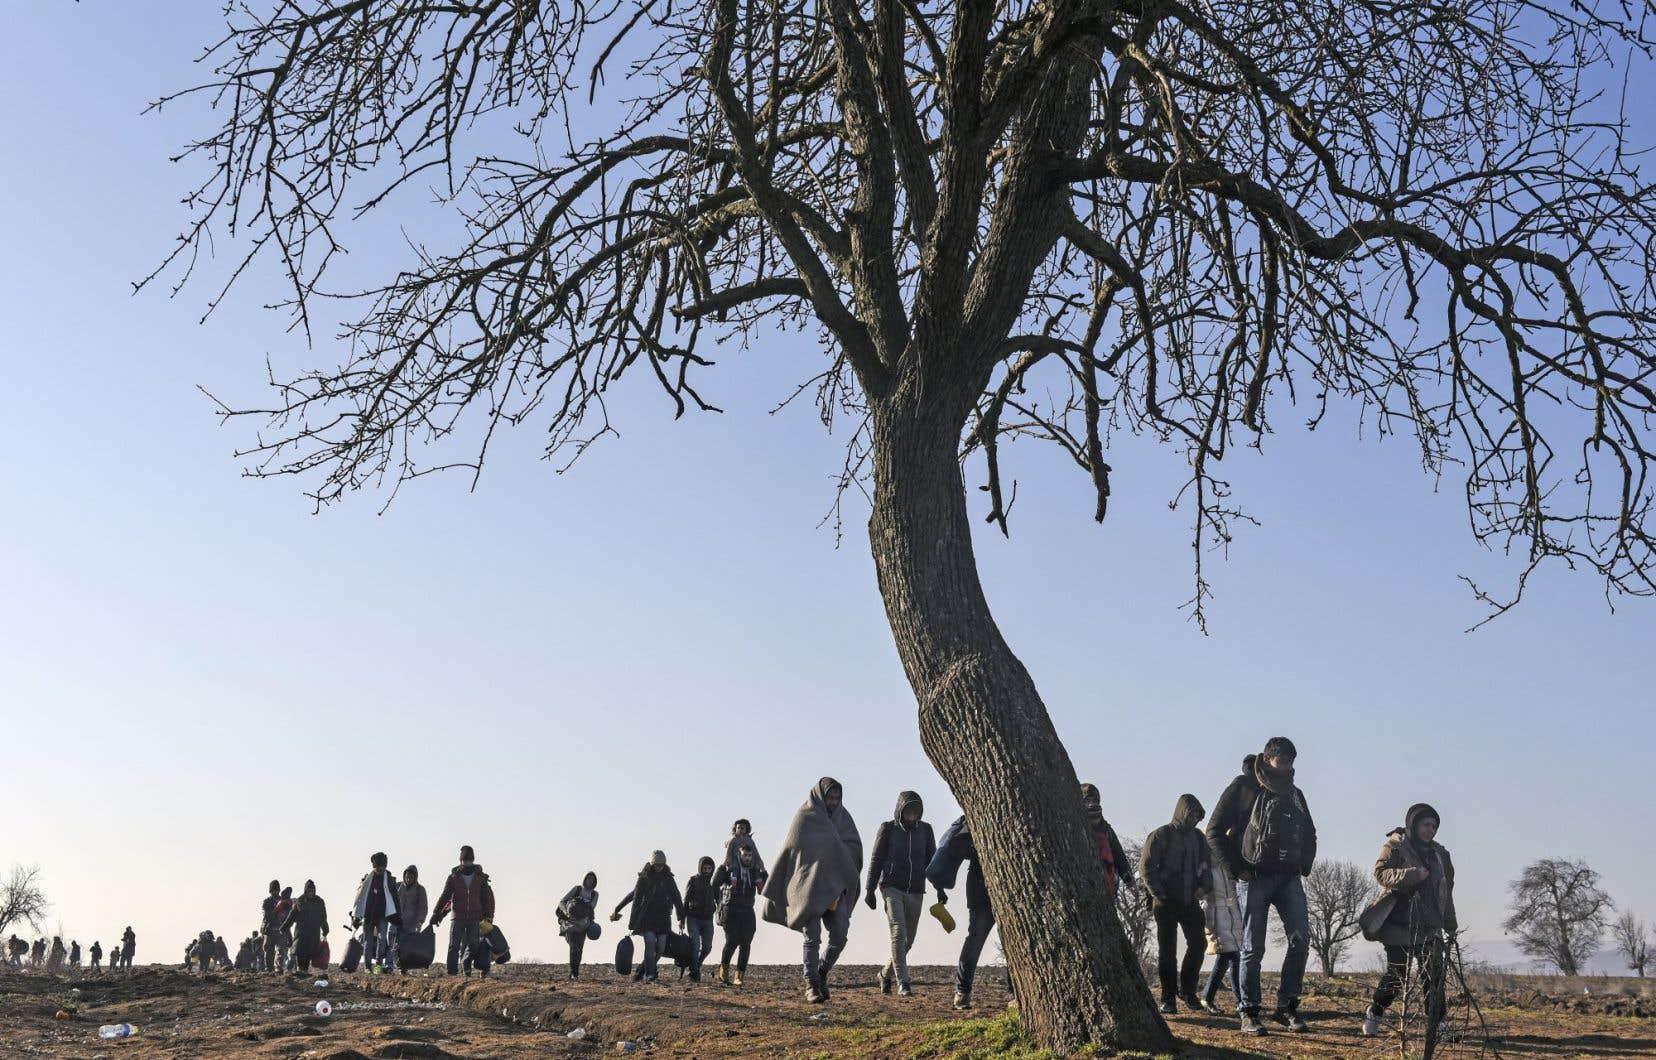 Des réfugiés cheminant en Serbie, en janvier dernier. L'exode de centaines de milliers de Syriens et d'Irakiens vers le continent européen met à mal une partie du discours du groupe État Islamique, qui voudrait les voir rejoindre les terres du «califat».